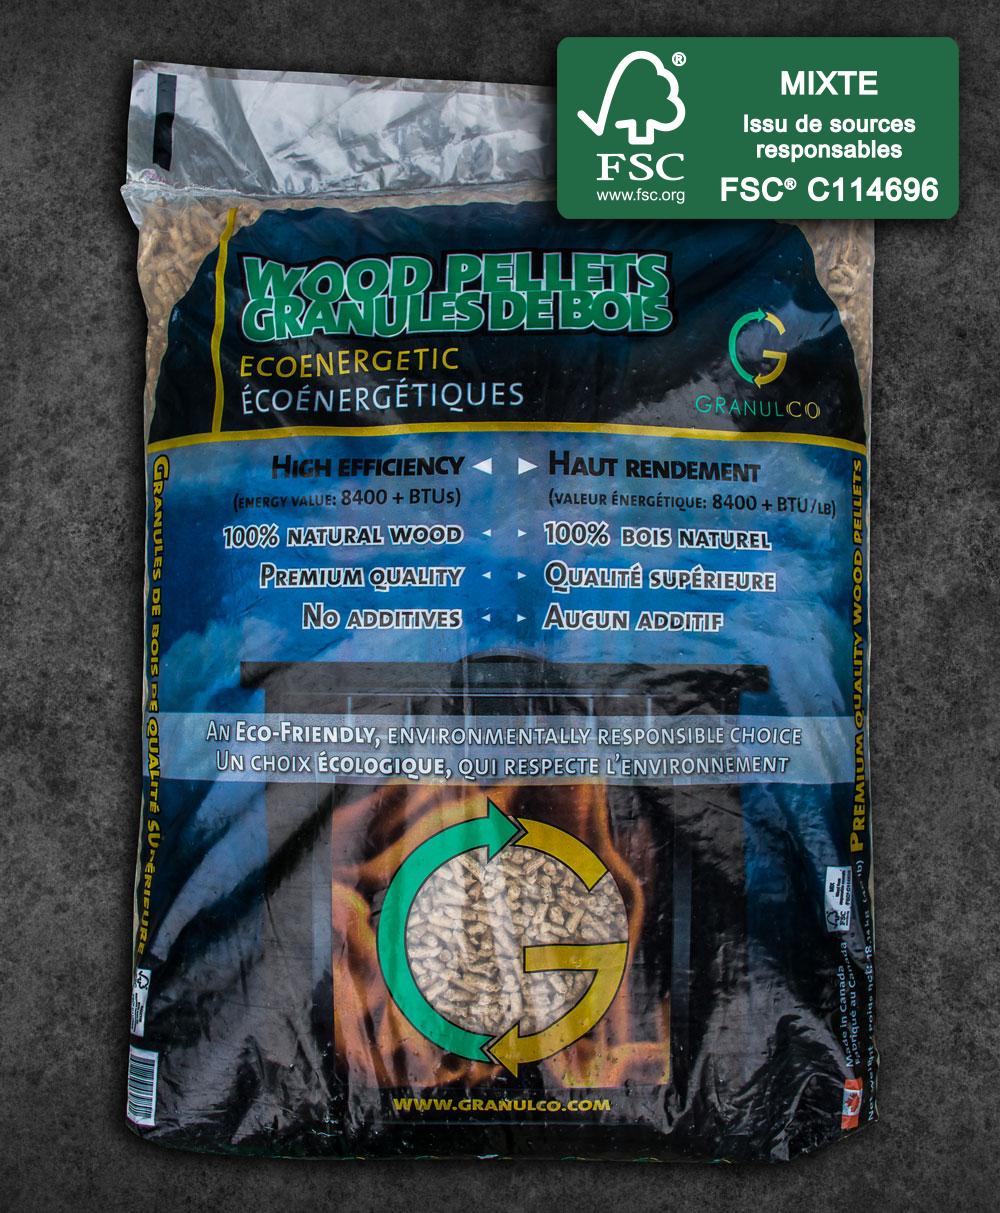 granulco - sac de granules